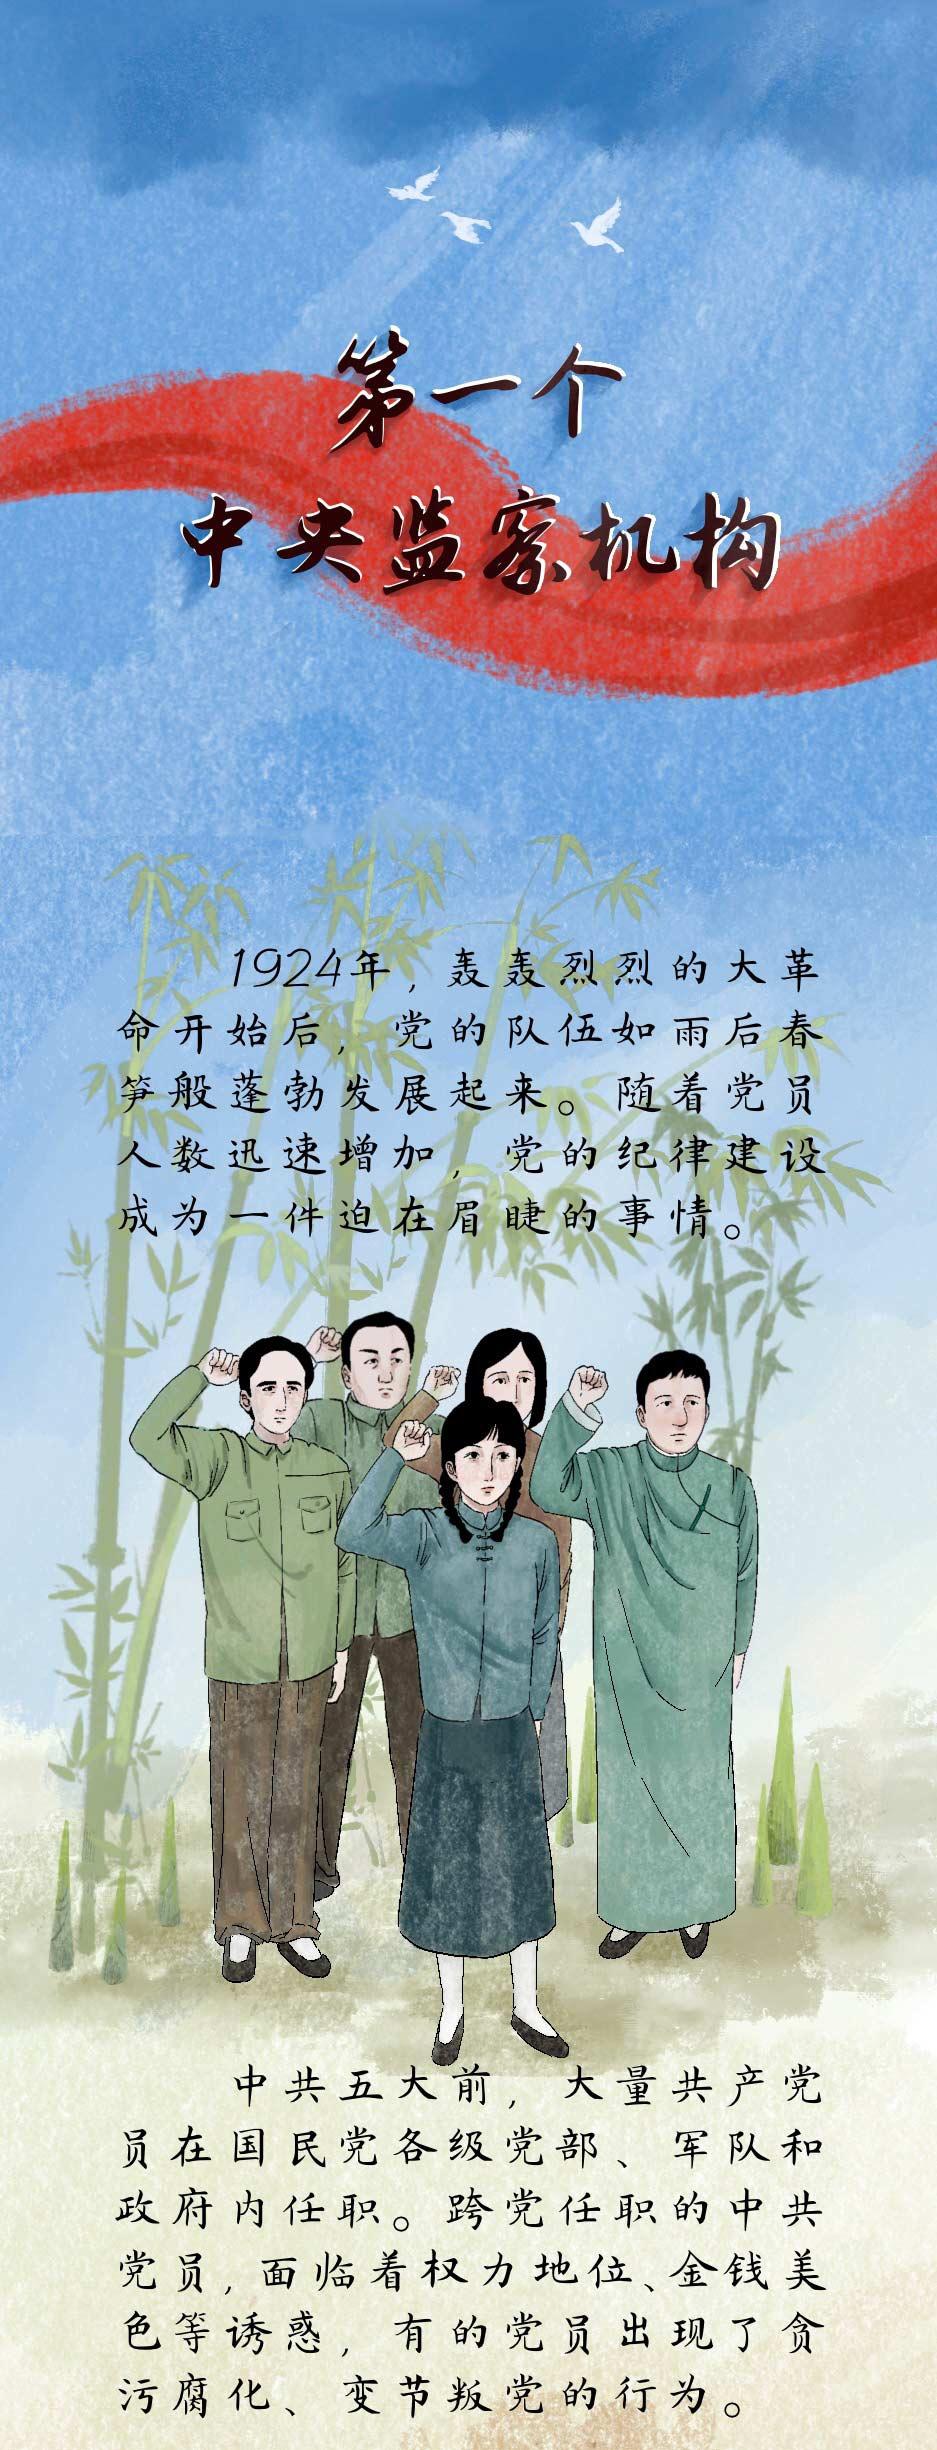 杏悦,故事绘|第一个中央监察机构杏悦图片